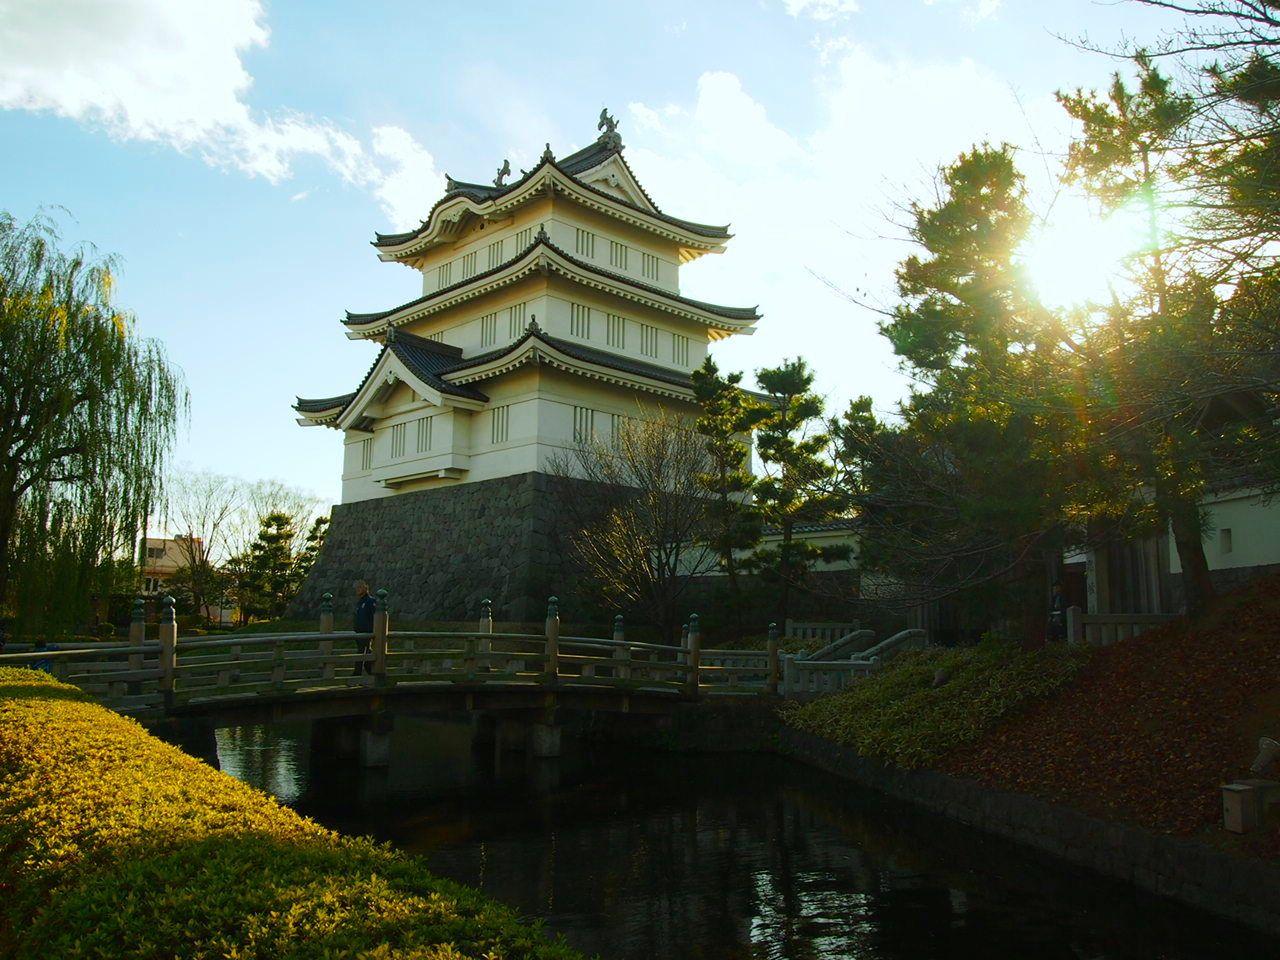 関東でおすすめのお城10選!家族で楽しめる城やマニア納得の城跡も